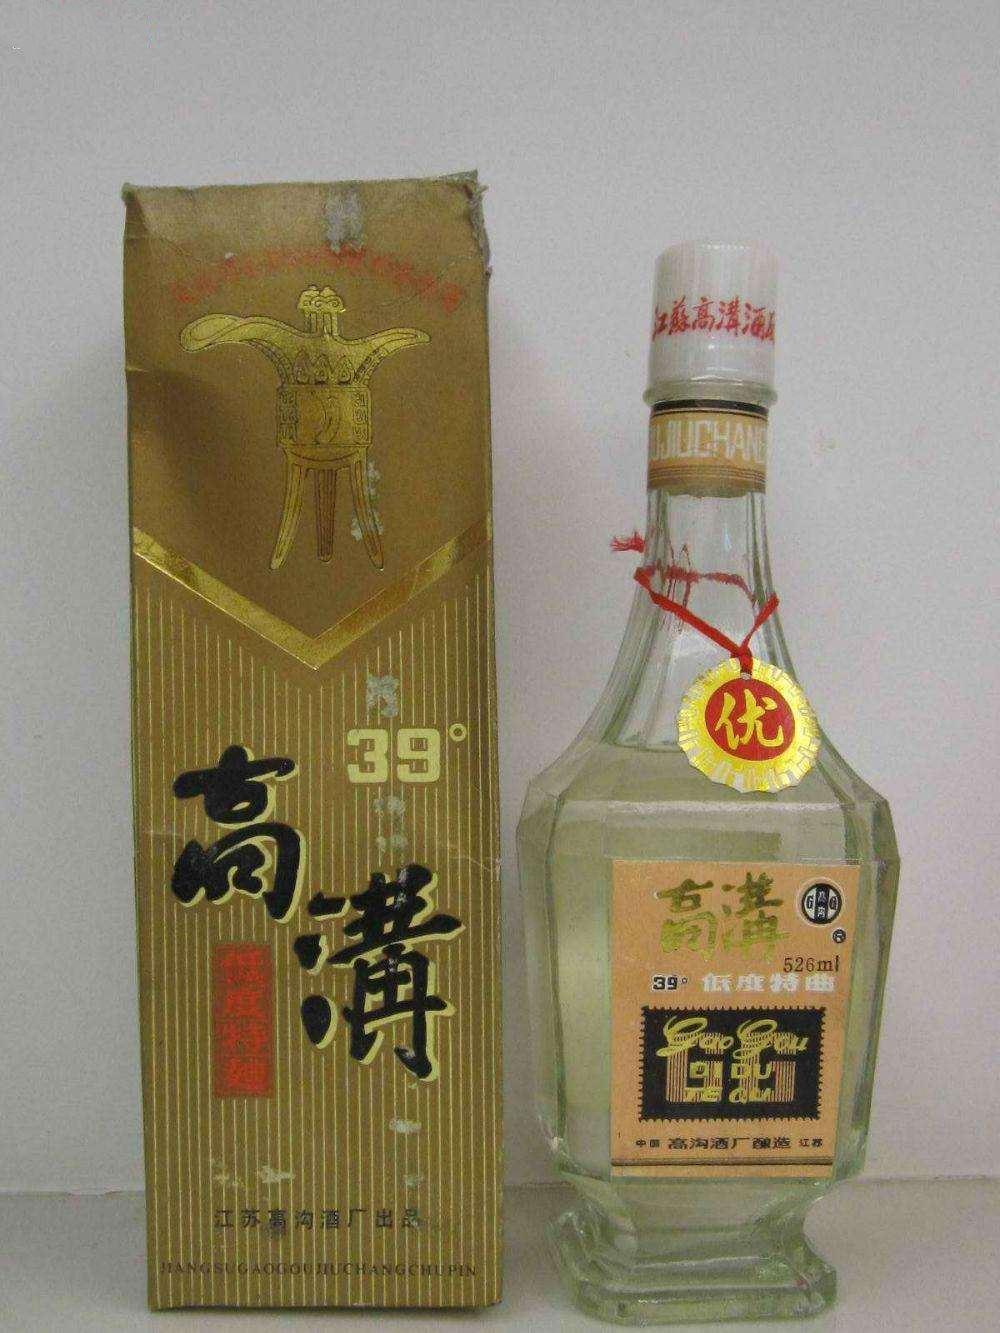 回收高沟特曲-回收高沟特曲酒-回收高沟酒-初心酒业